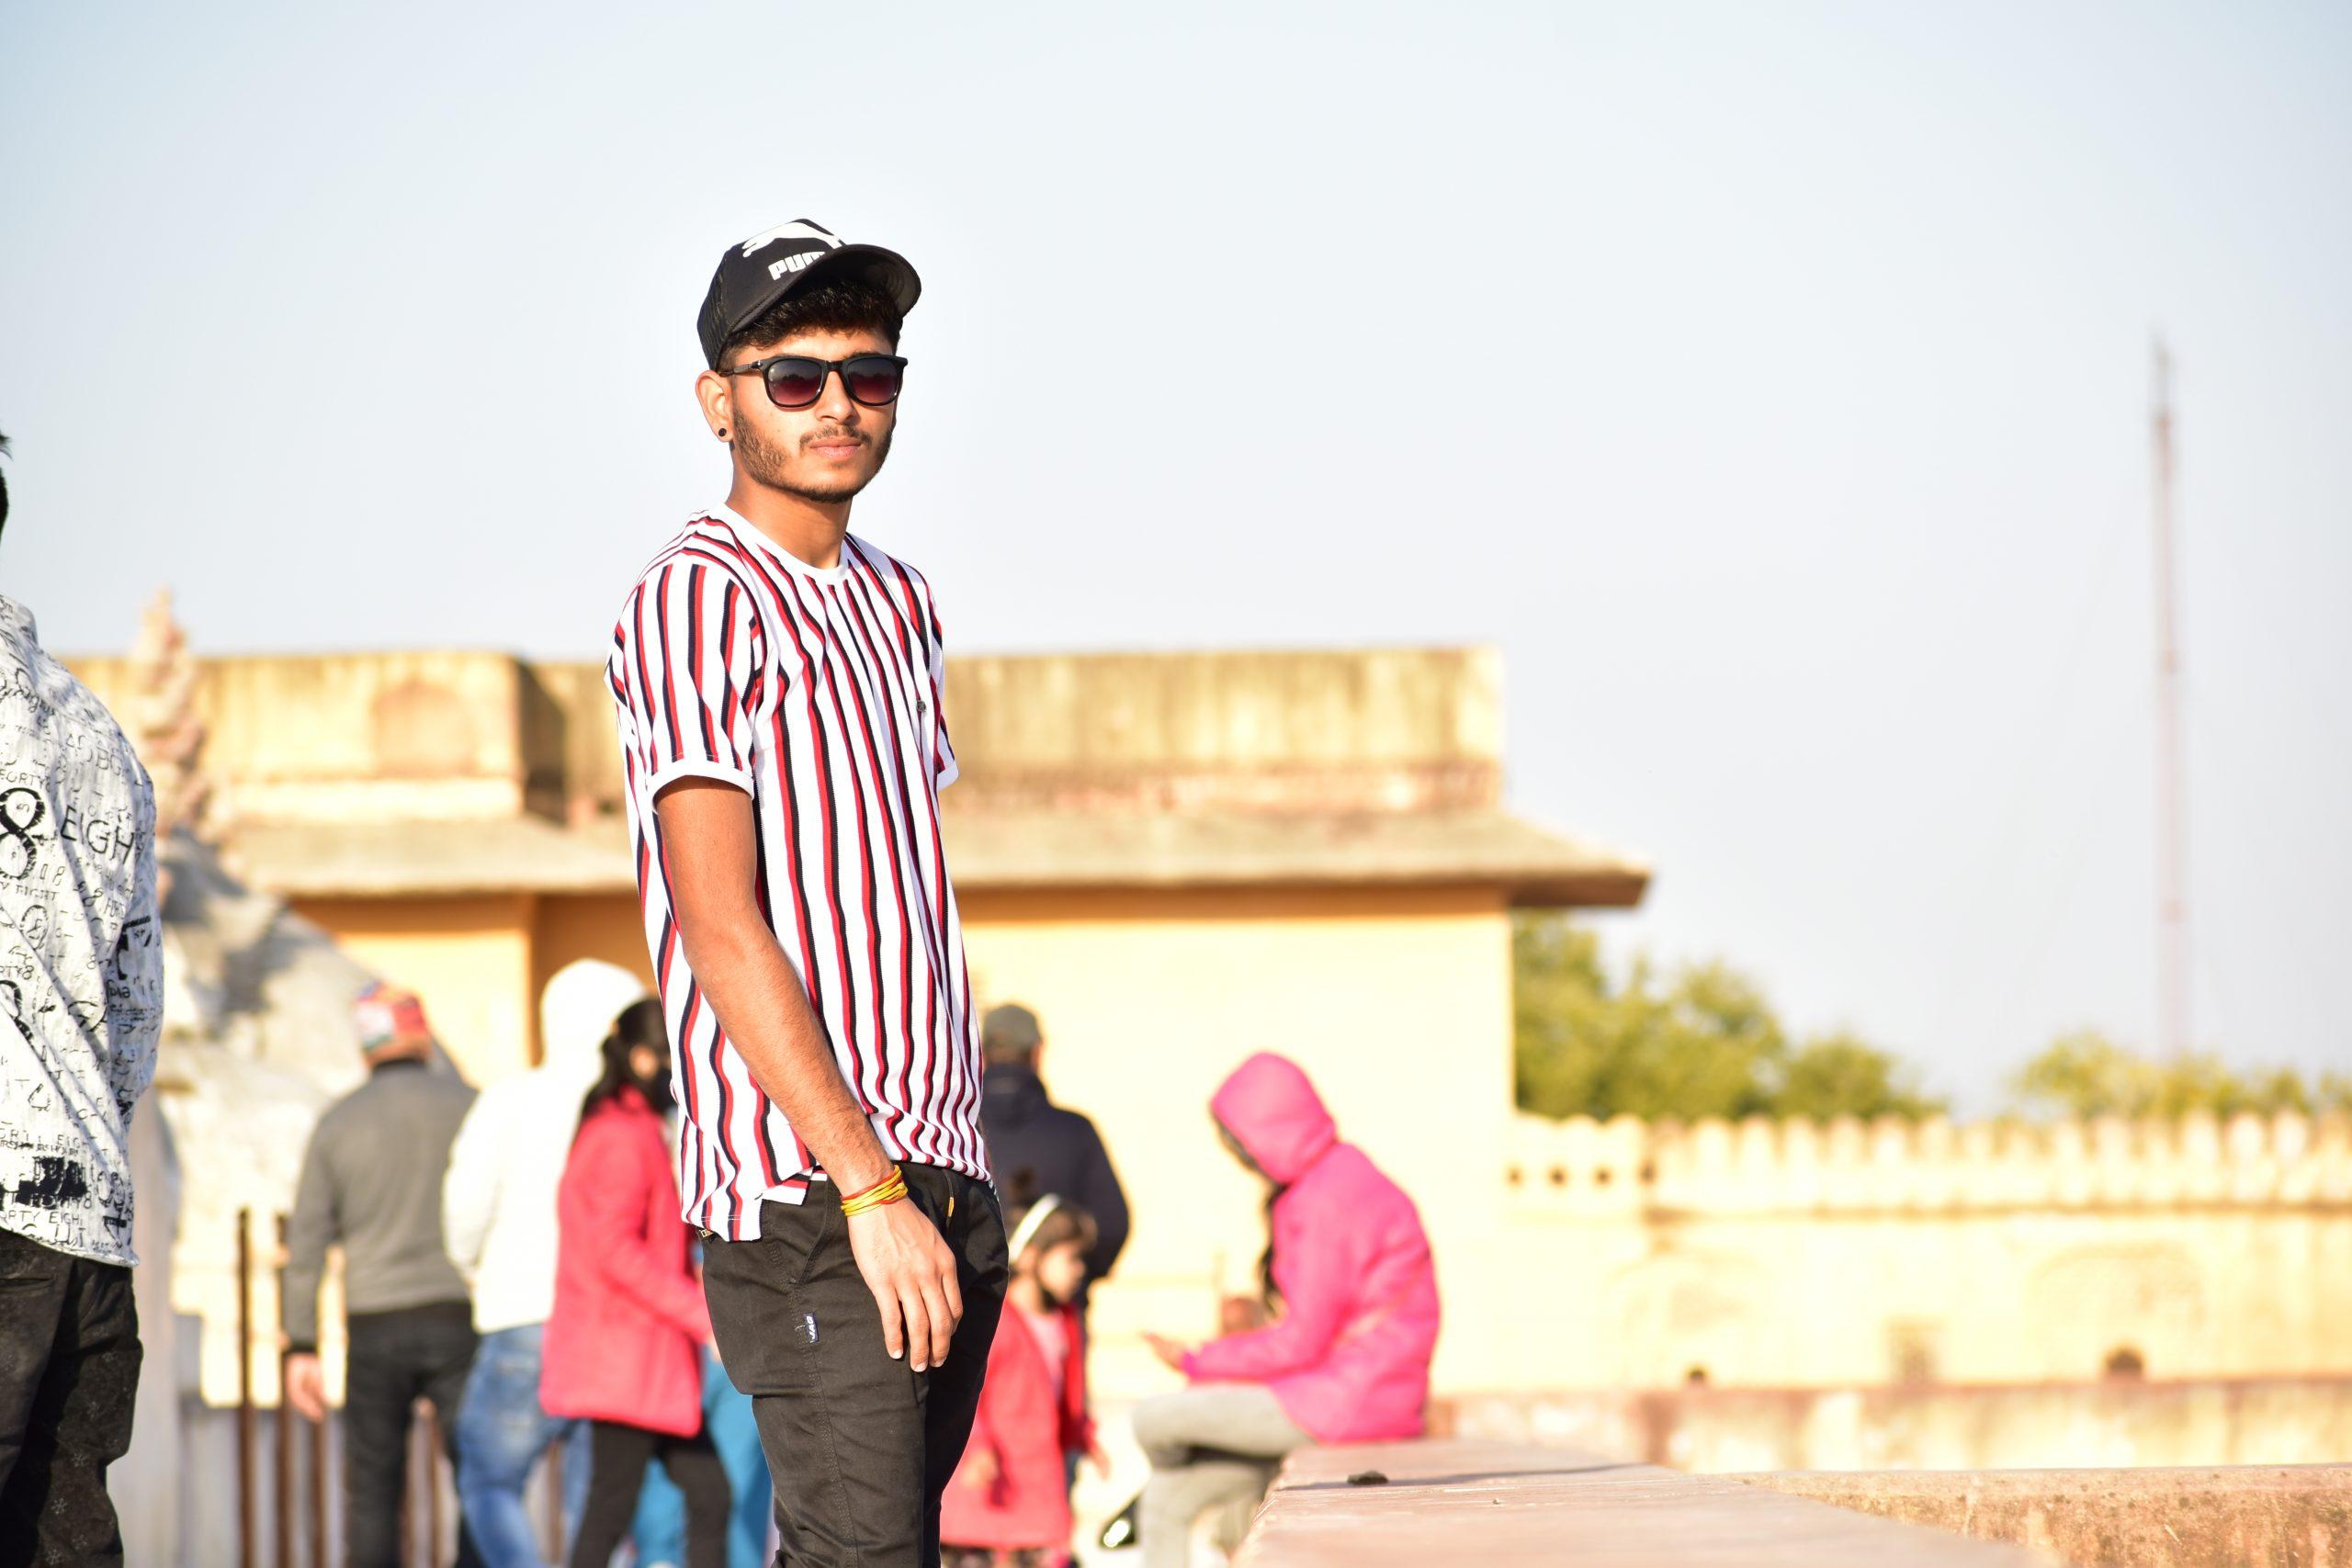 Landscape of a guy at Amer Fort, Jaipur